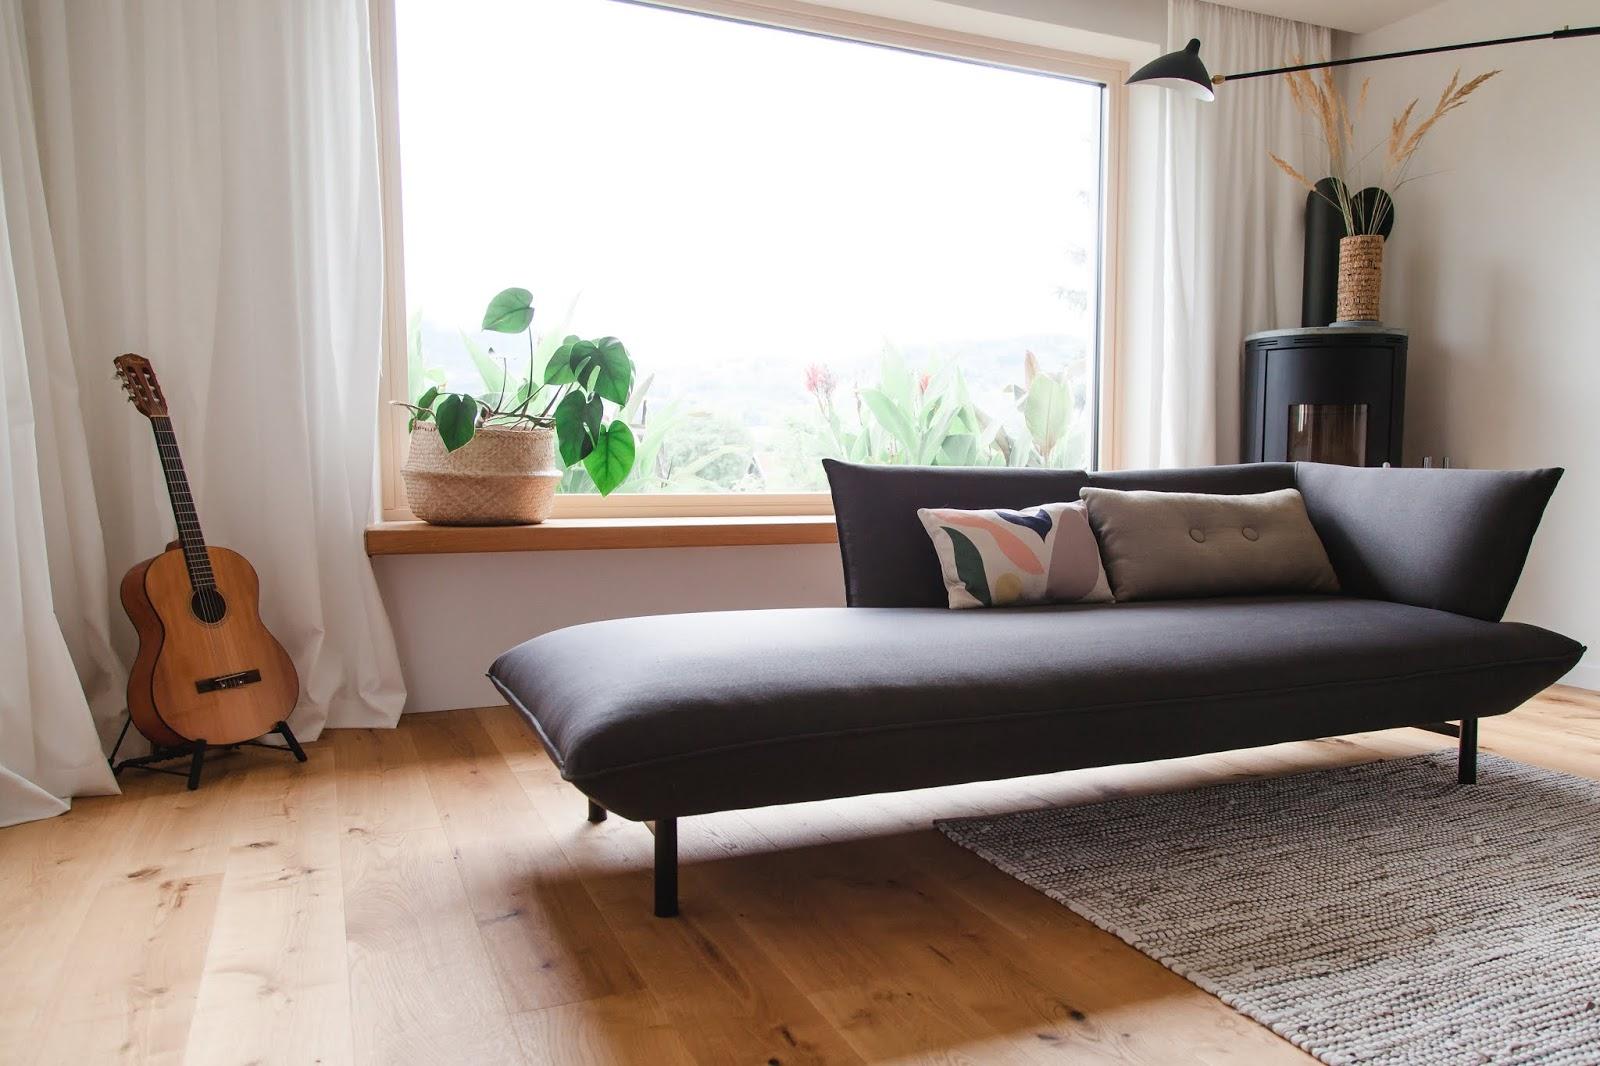 aus der reihe dinge die ich schon immer haben wollte wohn projekt. Black Bedroom Furniture Sets. Home Design Ideas